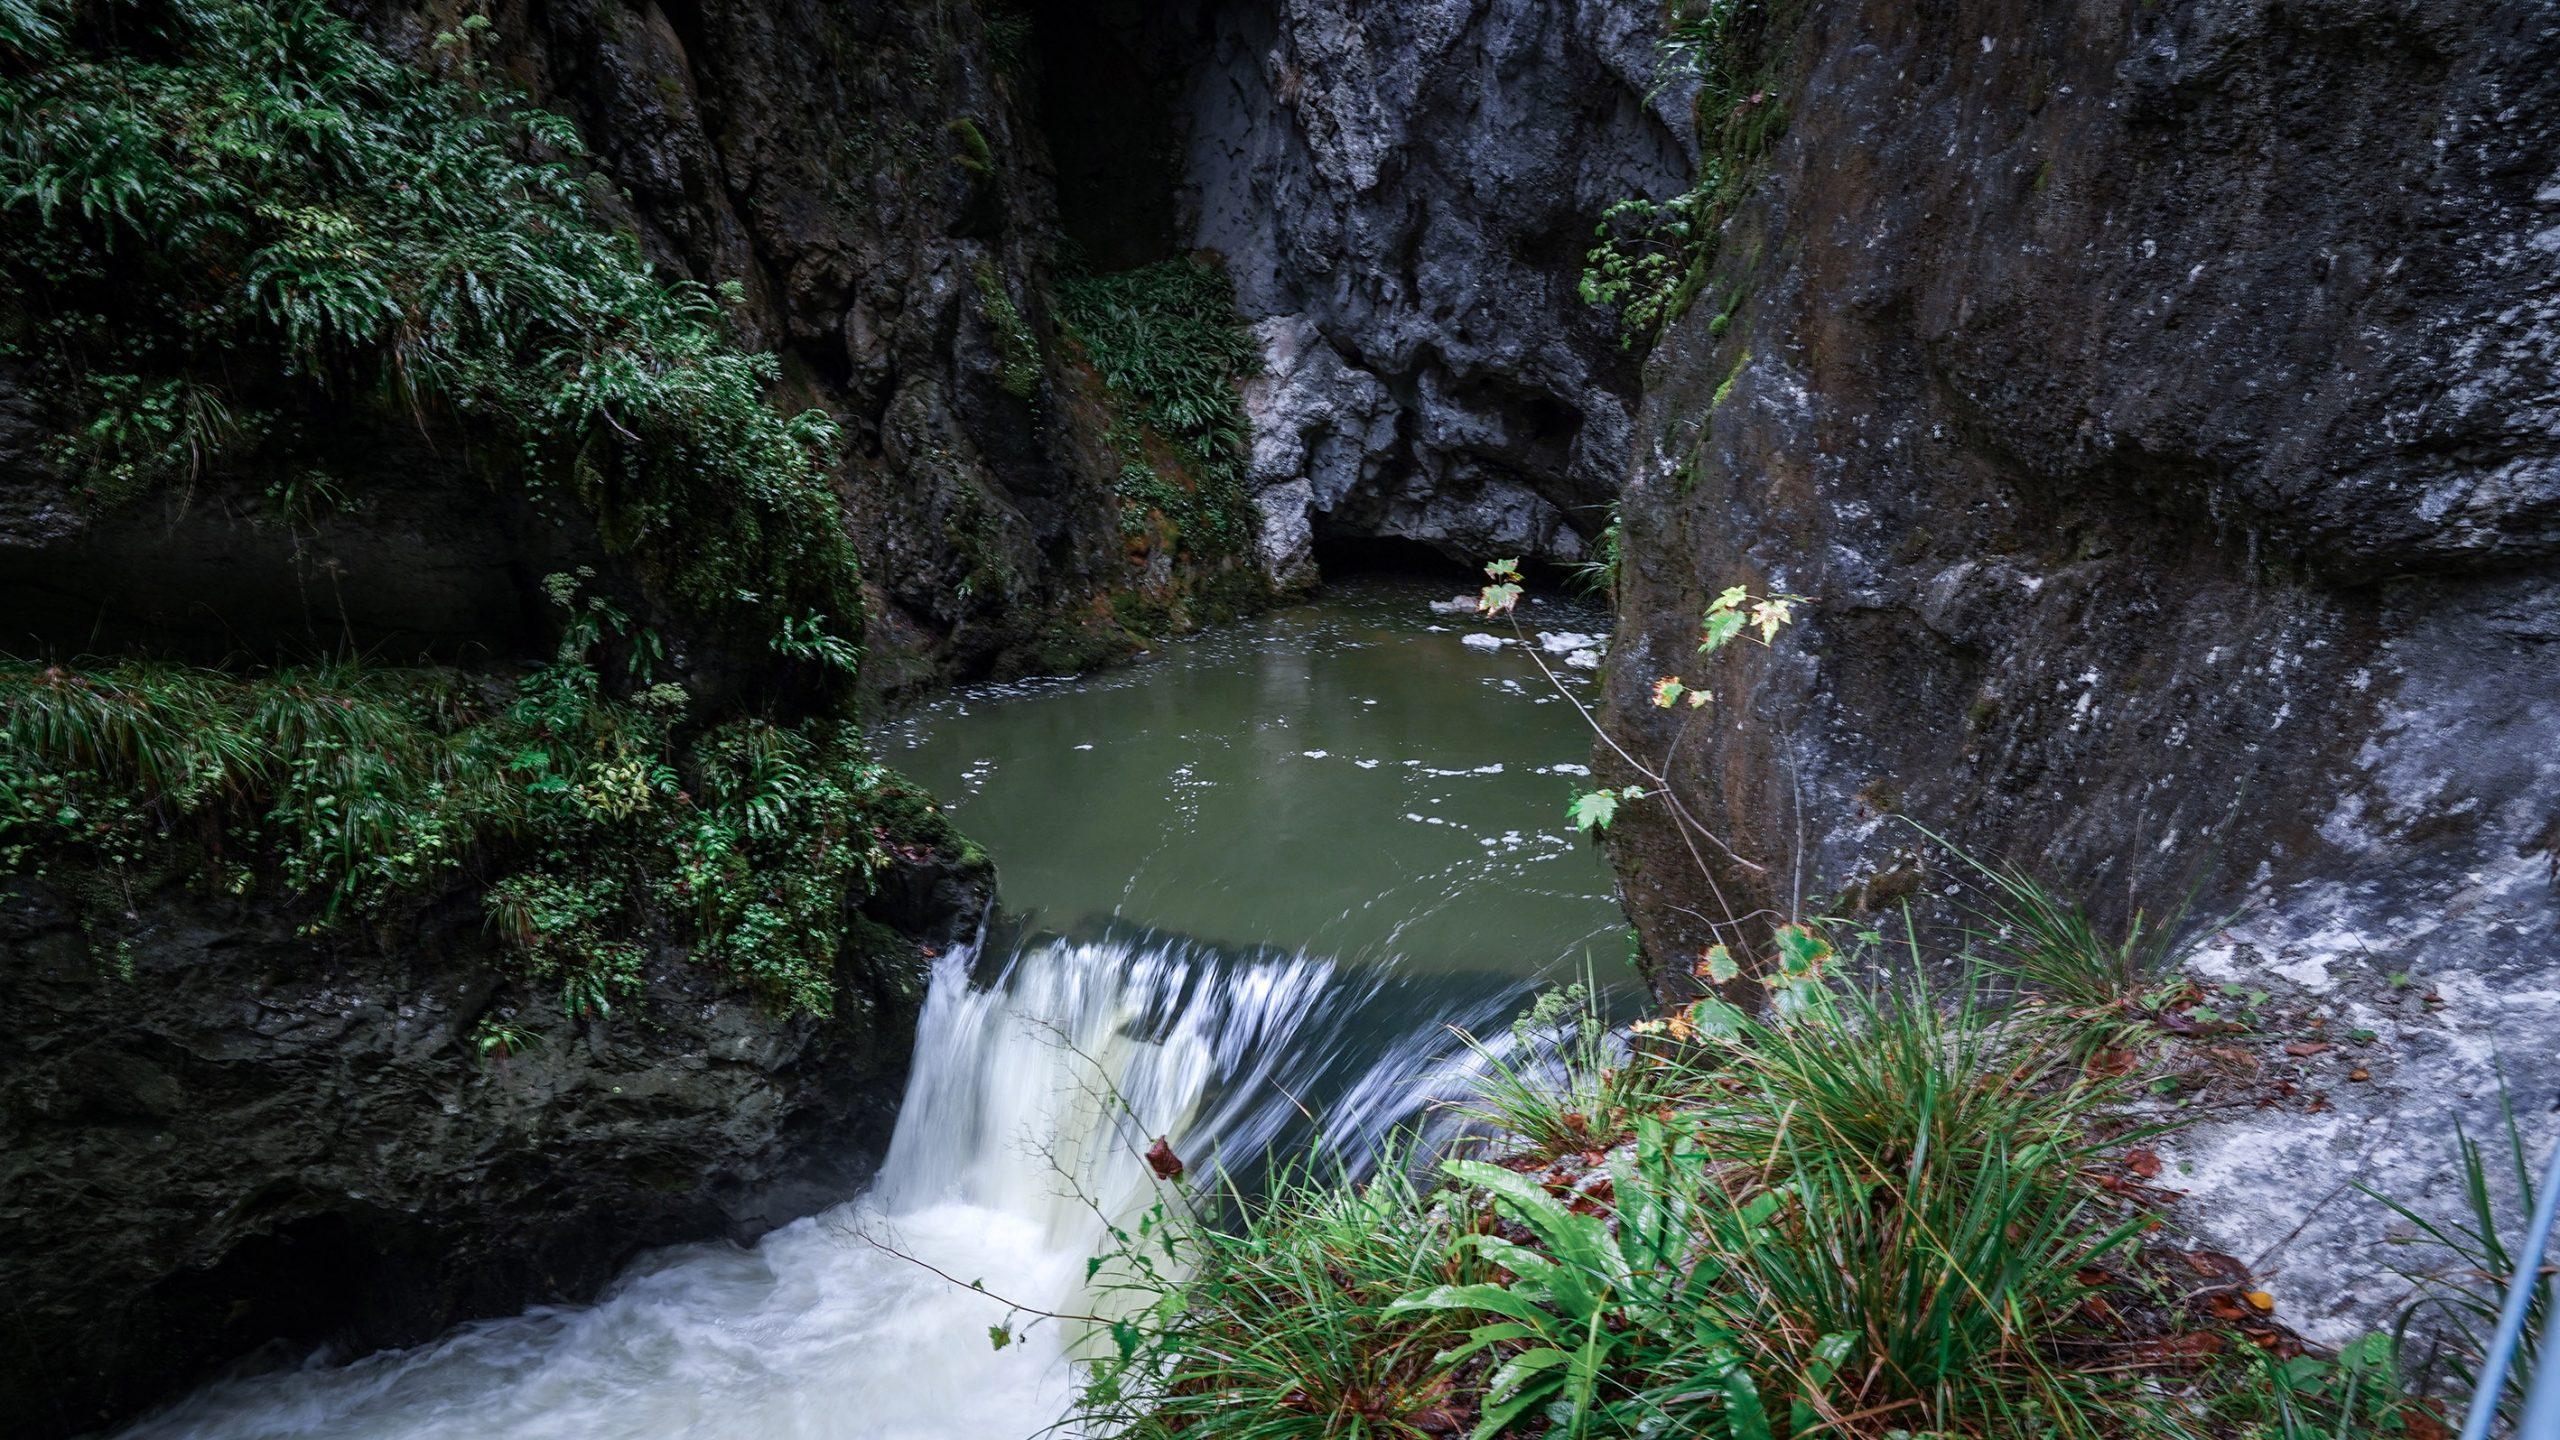 Gorges de l'Abîme cascade roches humide